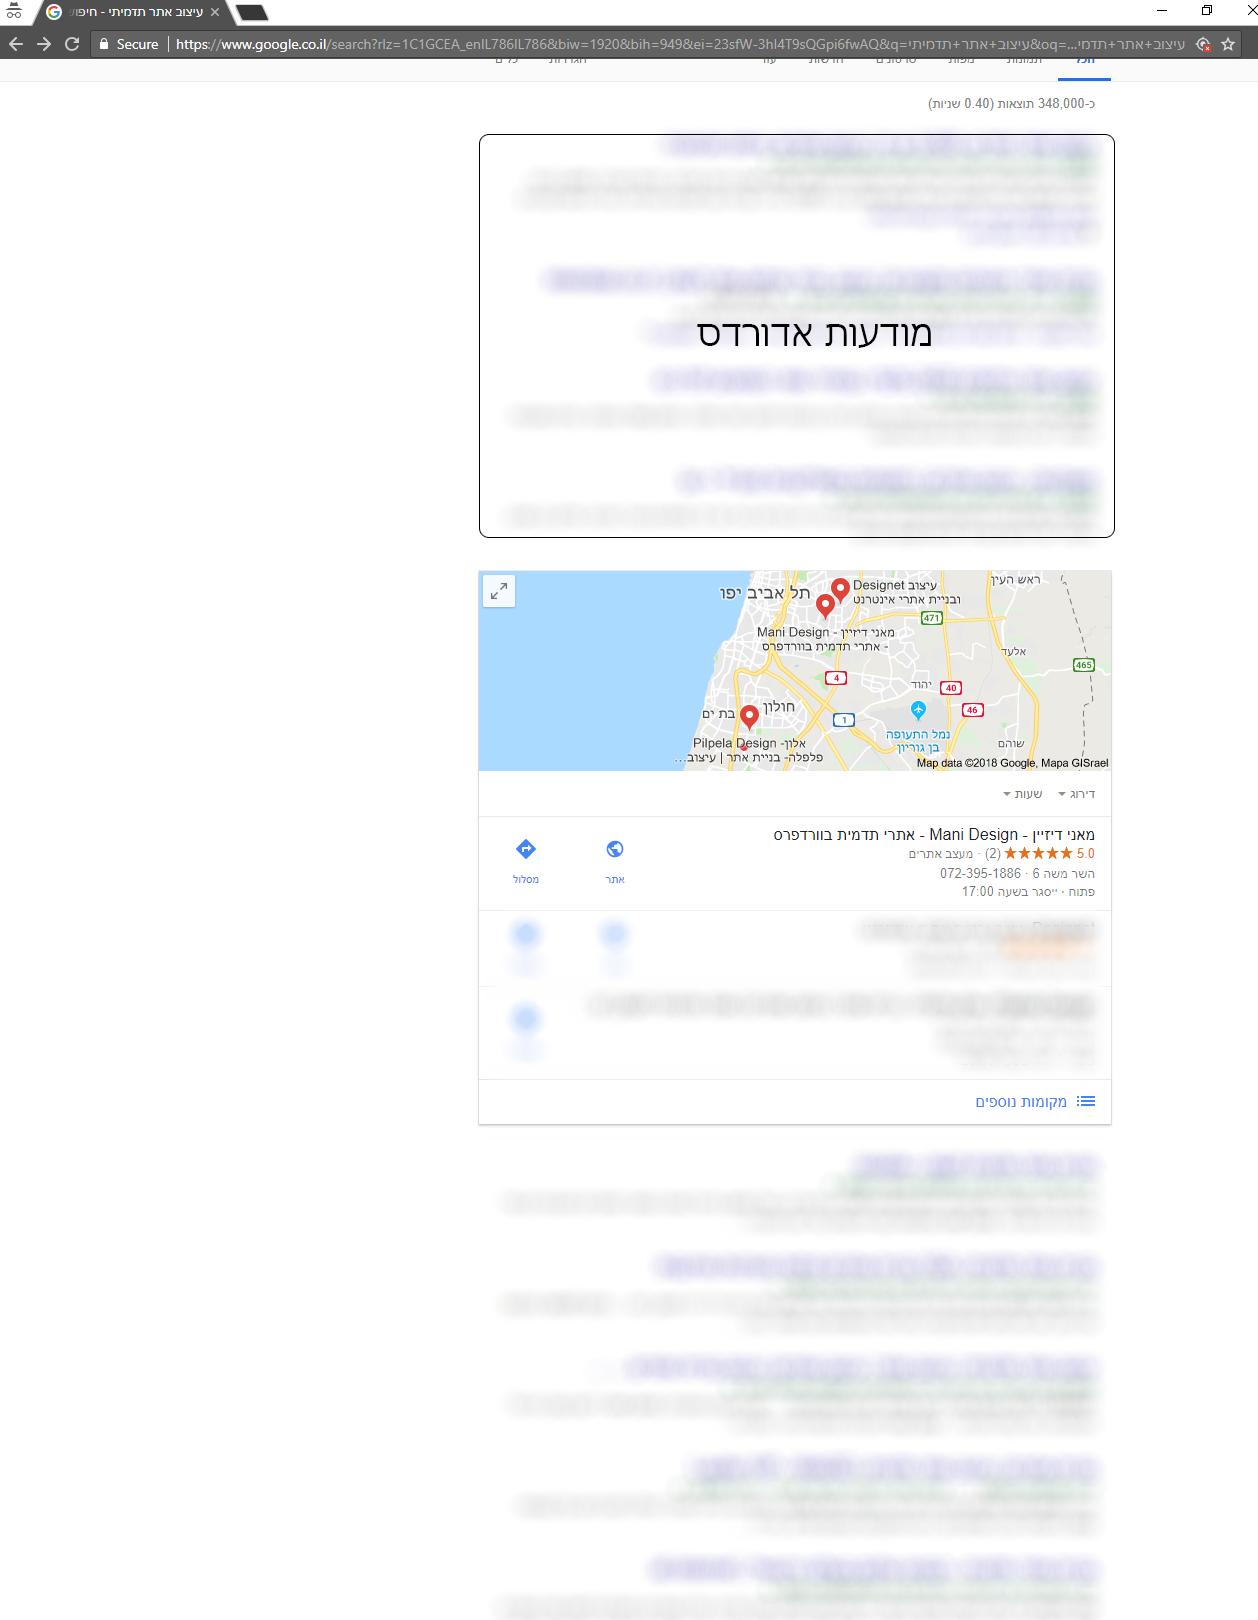 תצוגת החיפוש לביטוי עיצוב אתר תדמיתי